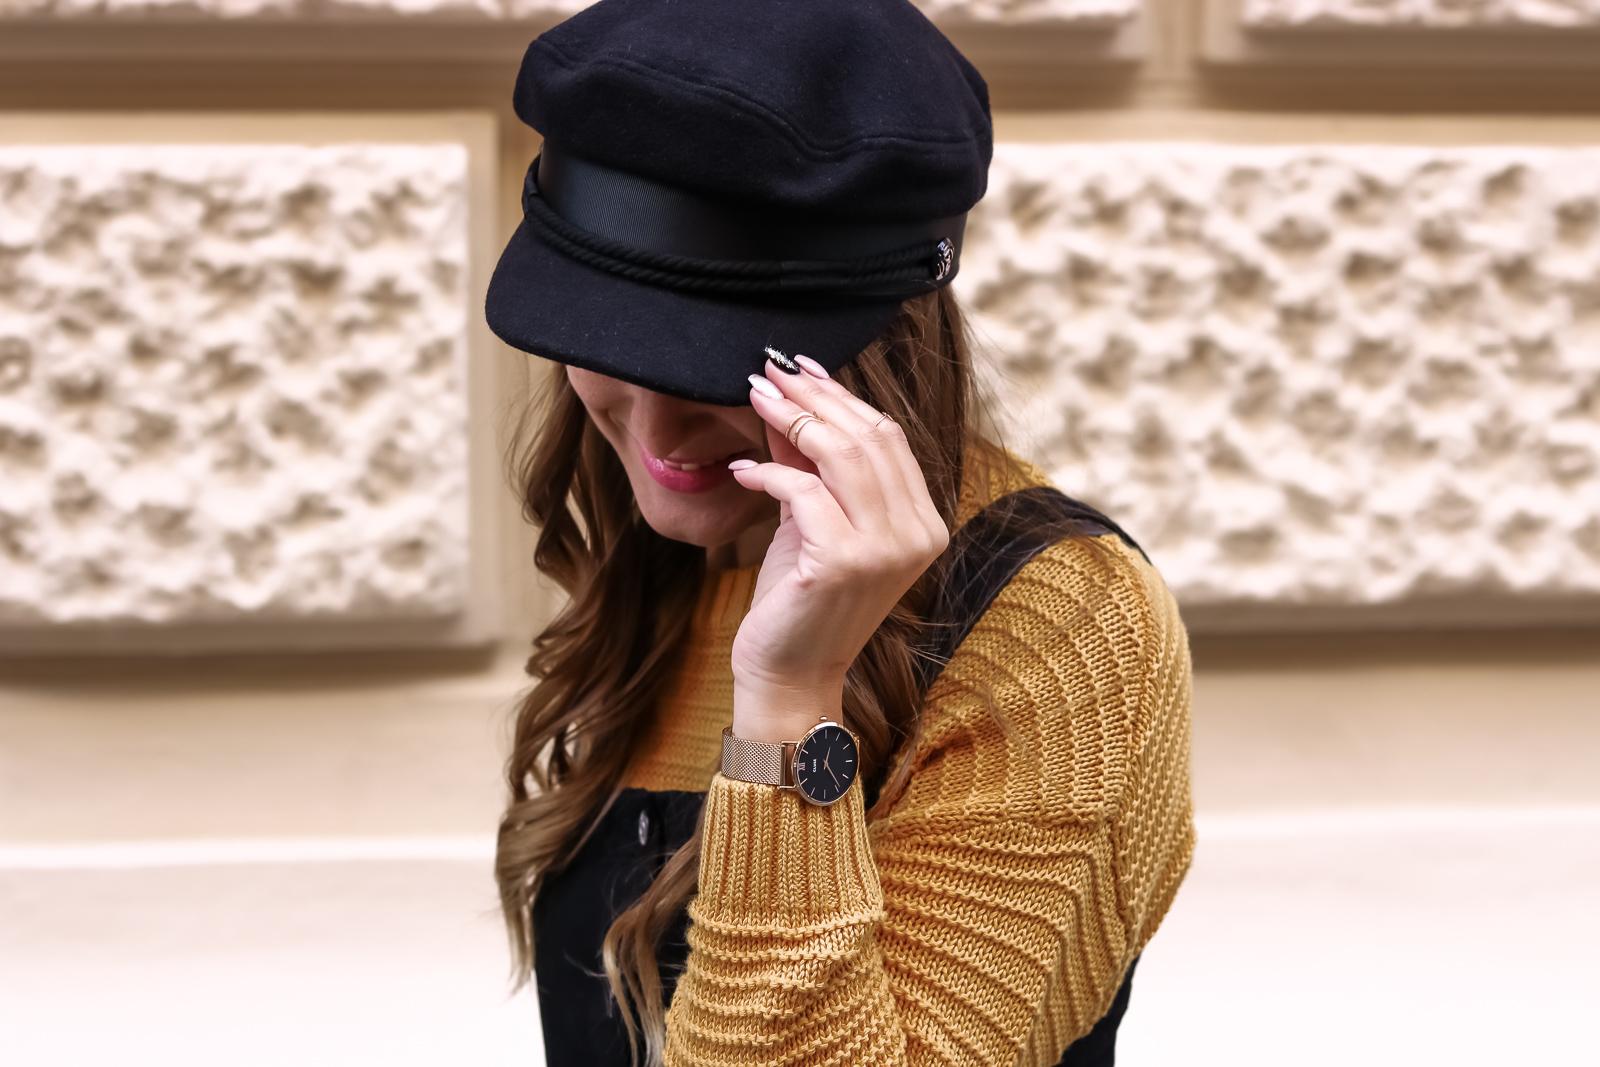 Latzkleid kombinieren - so stylst du dieses Trendteil im Herbst - Latzkleid kombinieren - Outfit - Herbst Look - Latzkleid für jeden Anlass - Fashionladyloves by Tamara Wagner - Fashion Blog - Modeblog aus Graz Österreich